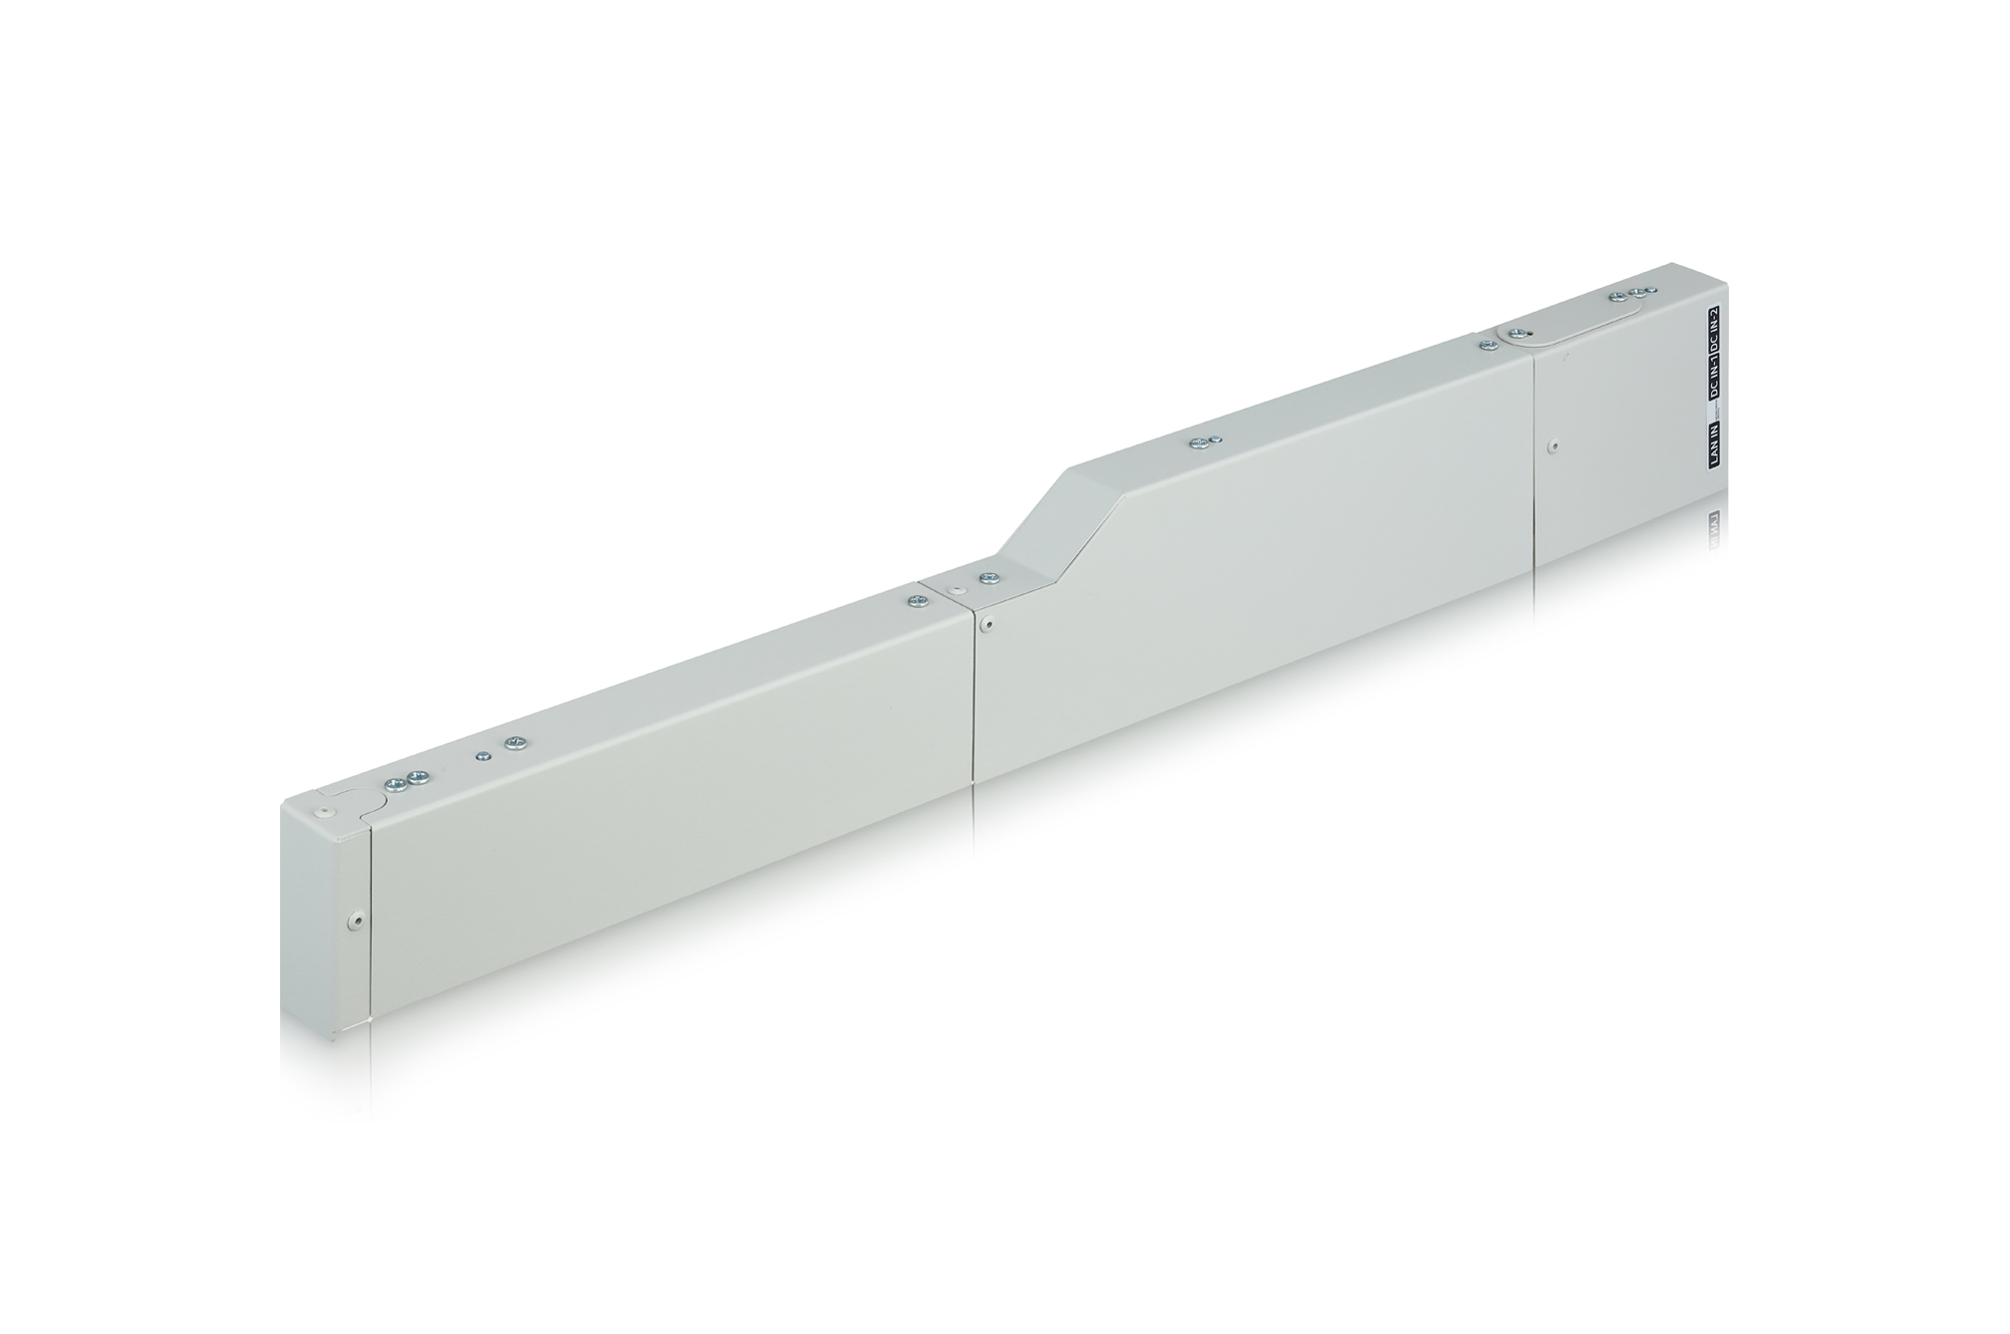 LG Transparent LED Film LAT140 5